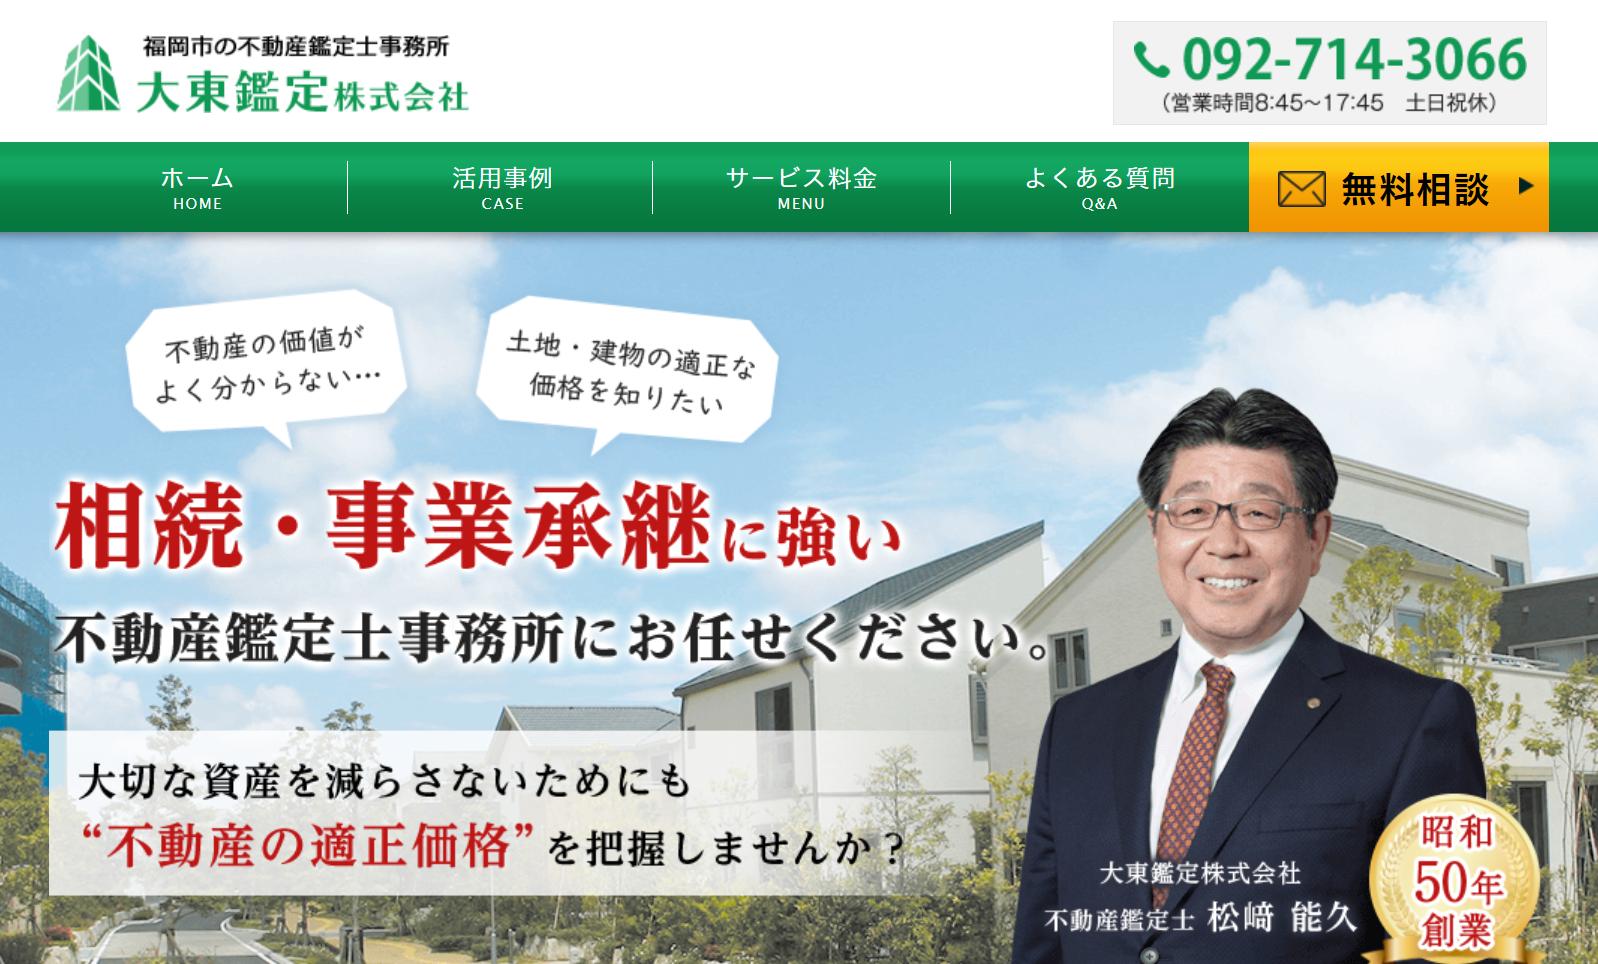 福岡市の相続・事業承継に強い不動産鑑定士事務所